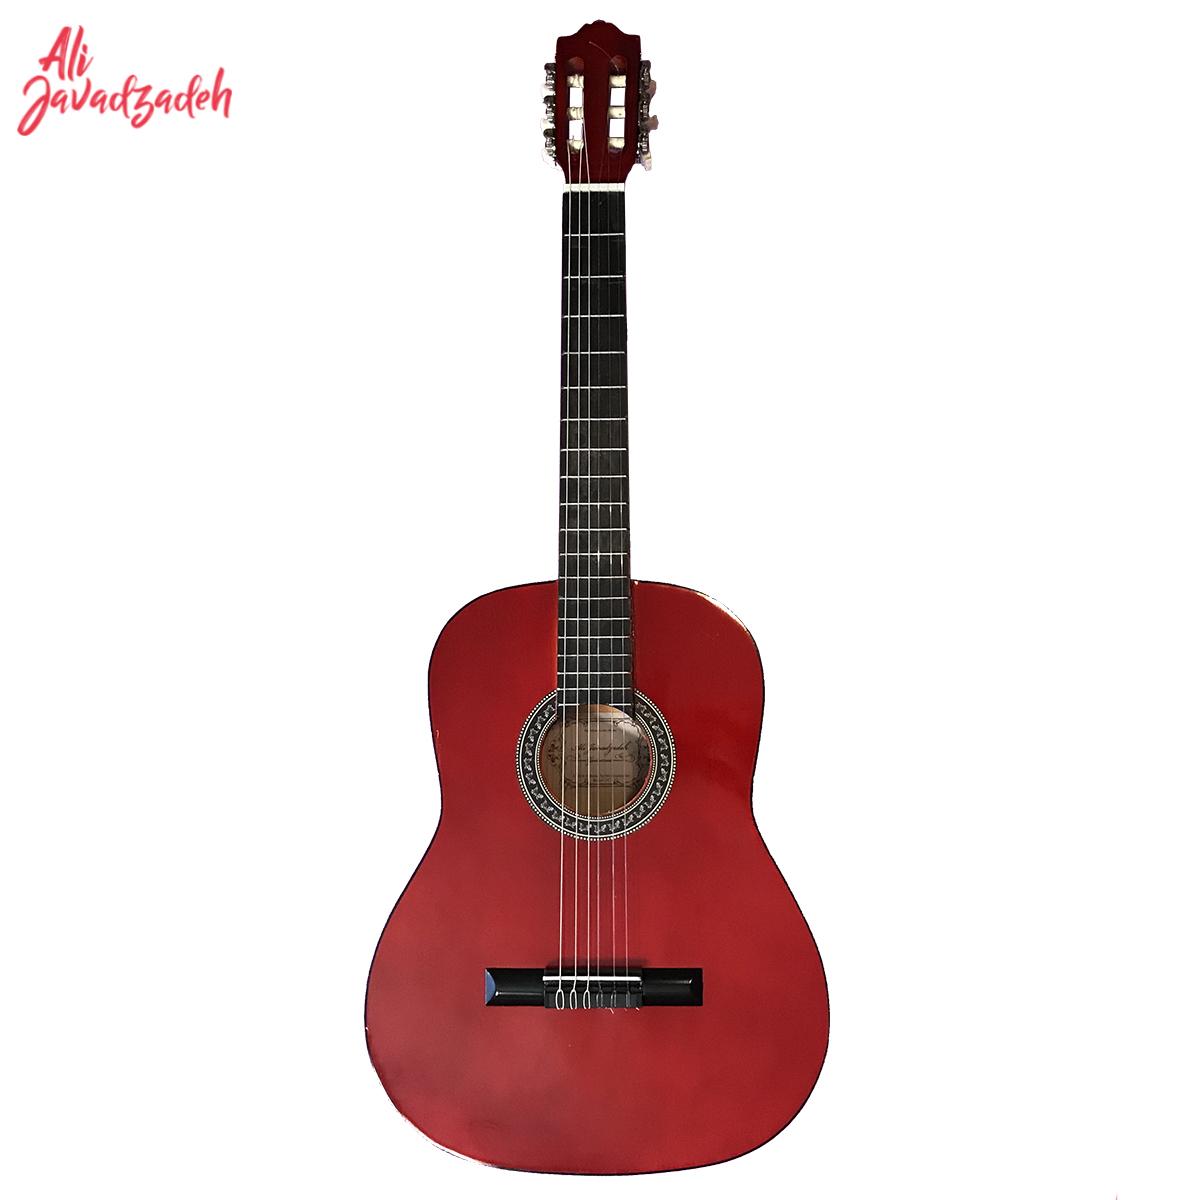 گیتار کلاسیک علی جوادزاده مدل 1C-11